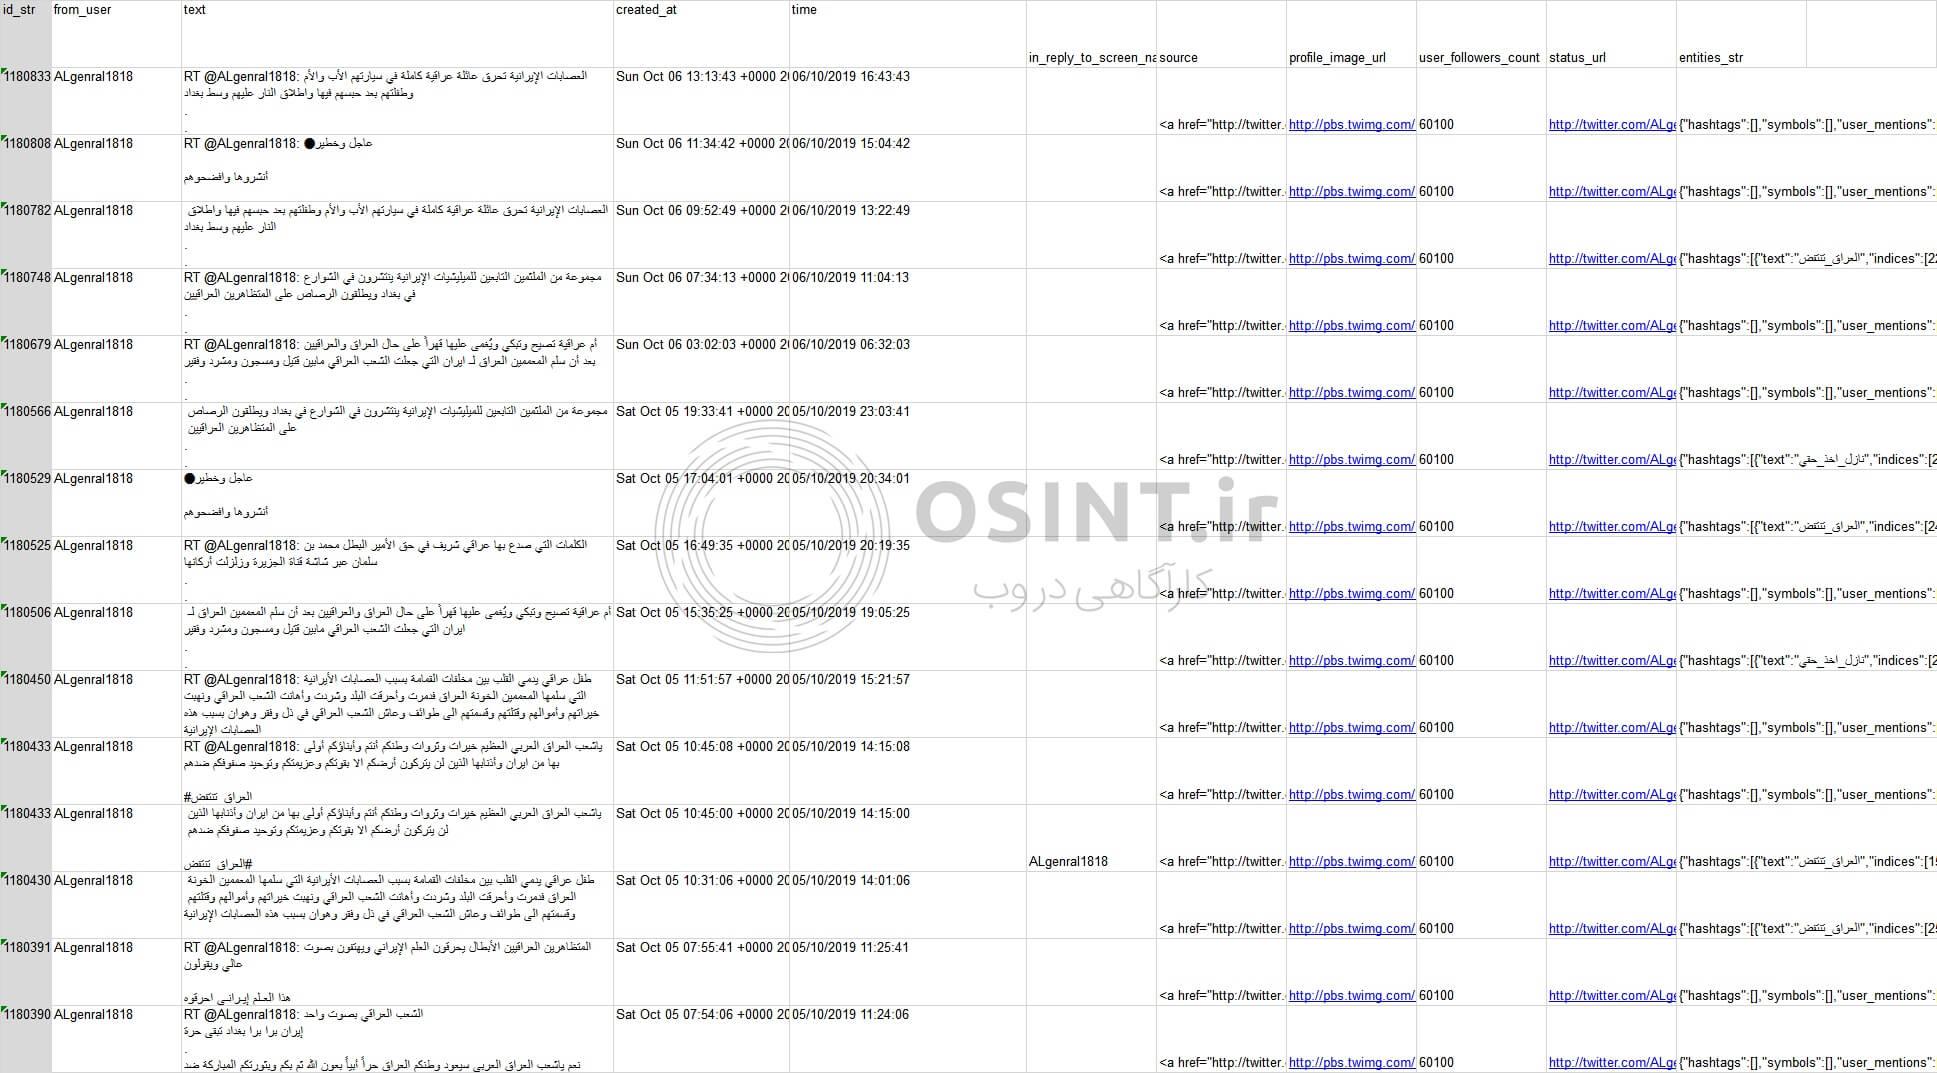 تمام توییت های الجنرال با هشتگ اعتراضات عراق